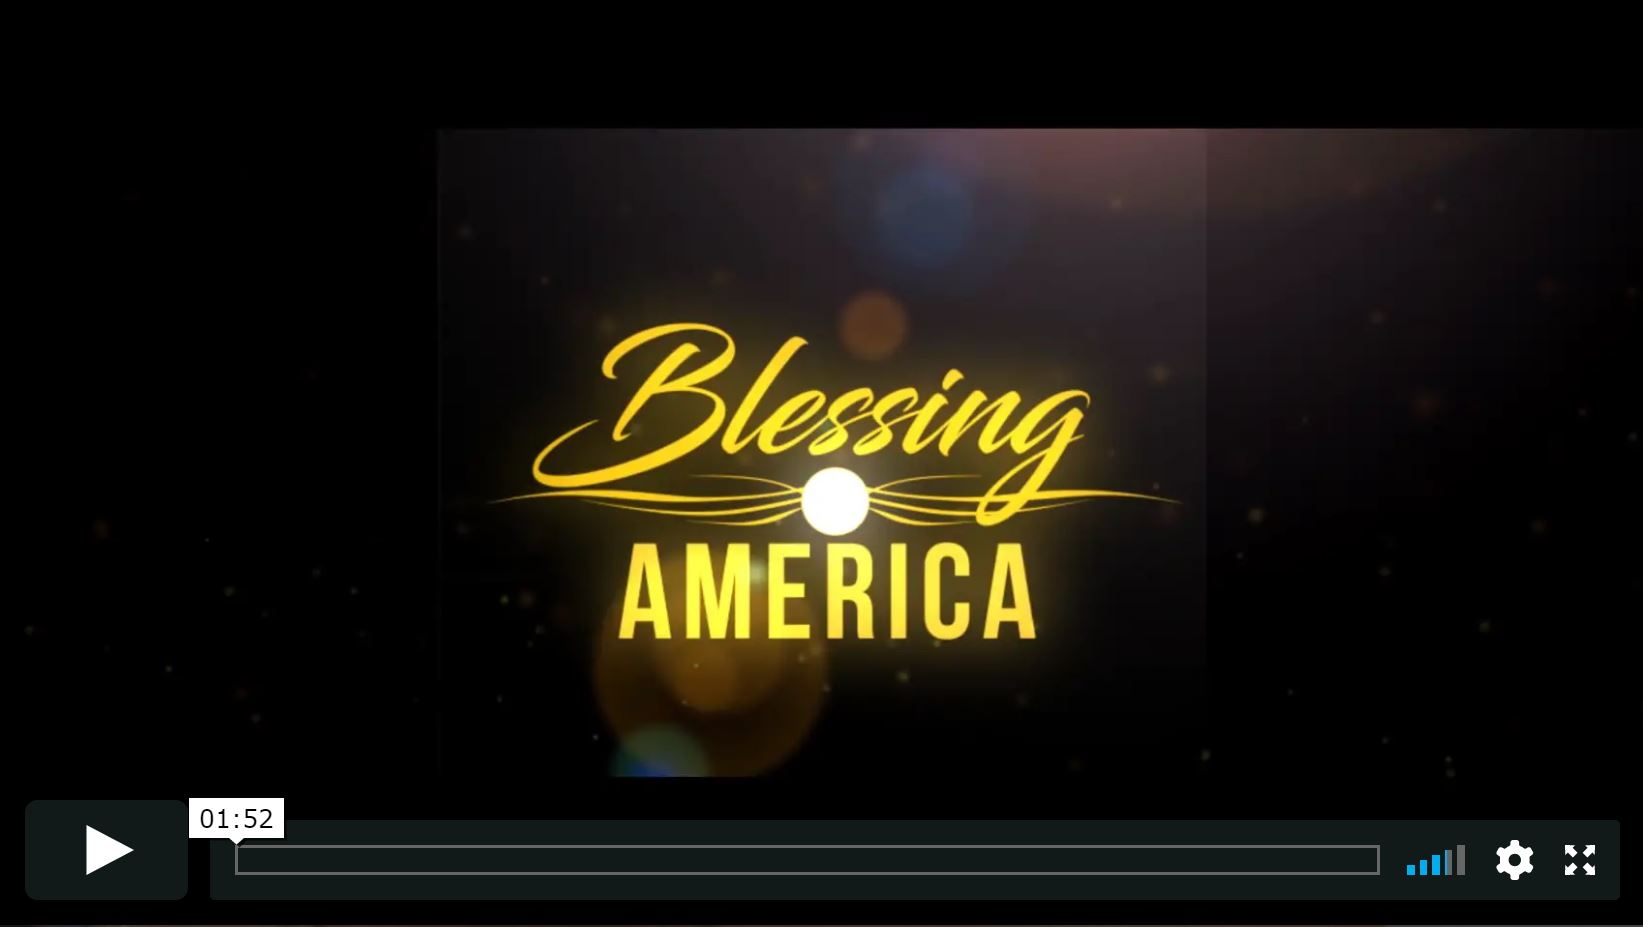 blessingamerica.JPG